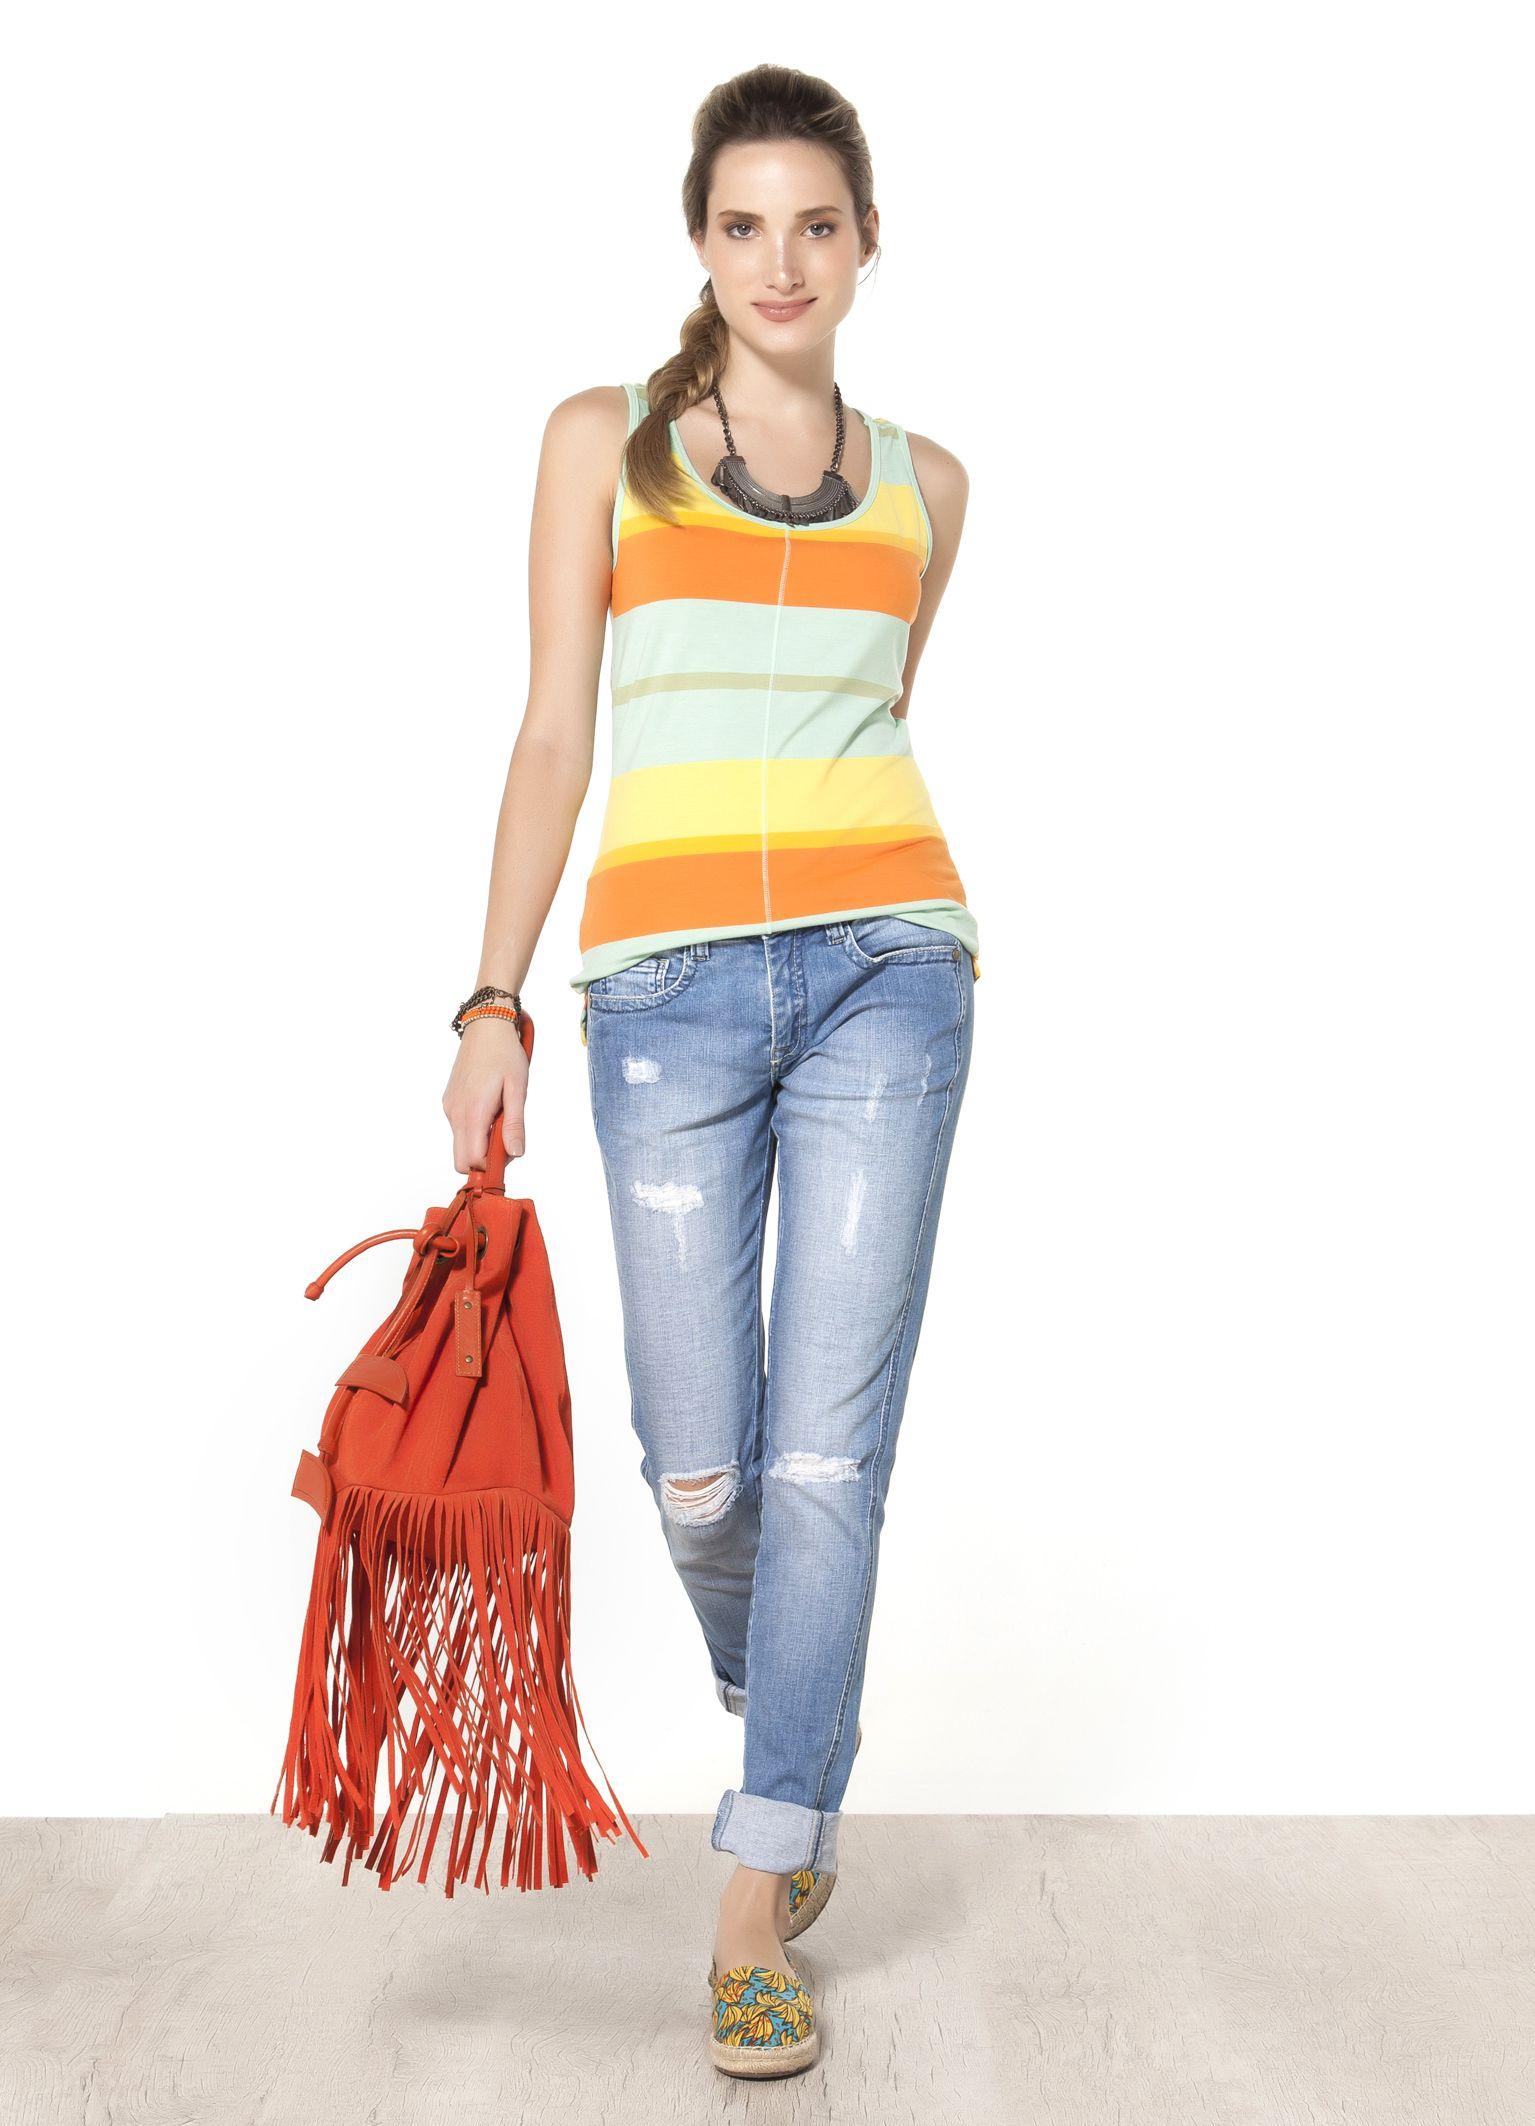 CALCA JEANS I SKINNY RASGADA - Calças - Origem - Cantão - Calça jeans com modelagem skinny, cintura intermediária com rasgos e puídos localizados. Com pegada jovem, é peça indispensável para trazer um toque urbano a blusas da linha Cantão Básico.